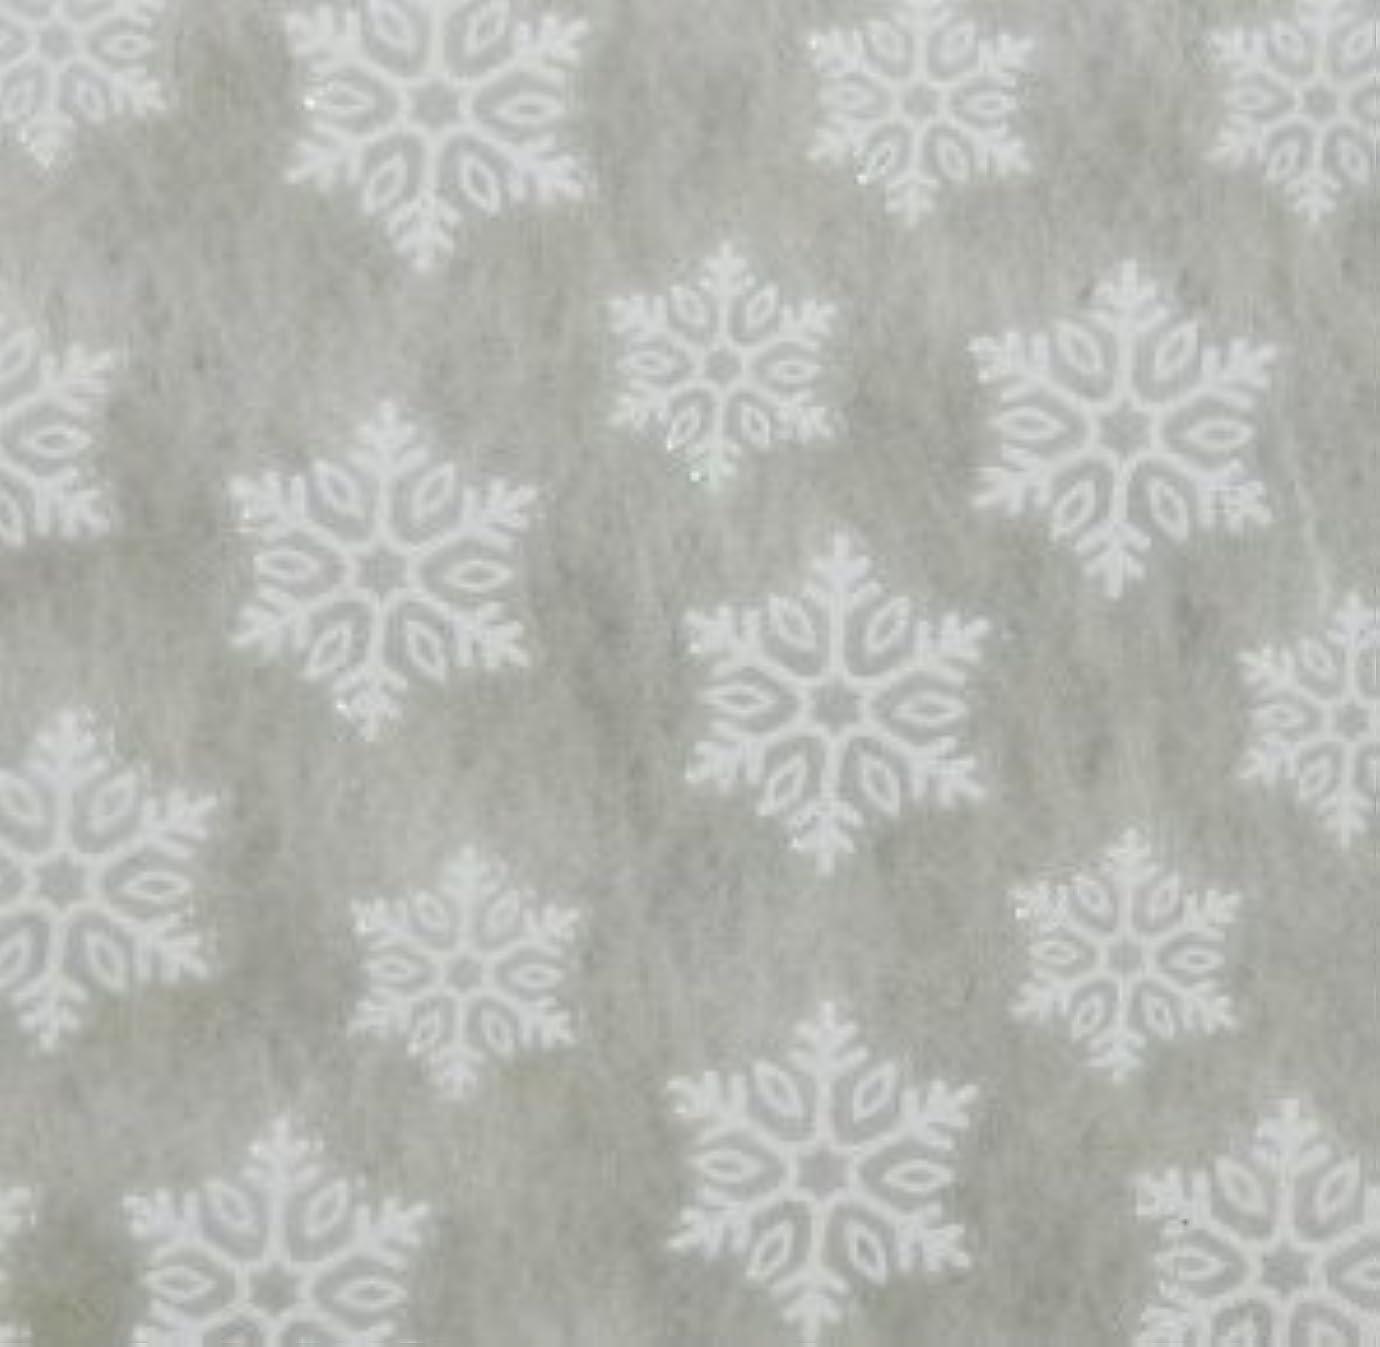 提案する死にかけている品雪の結晶(2)【ラバー素材3Dネイルアートシール】《ホワイト》1シート 47枚入